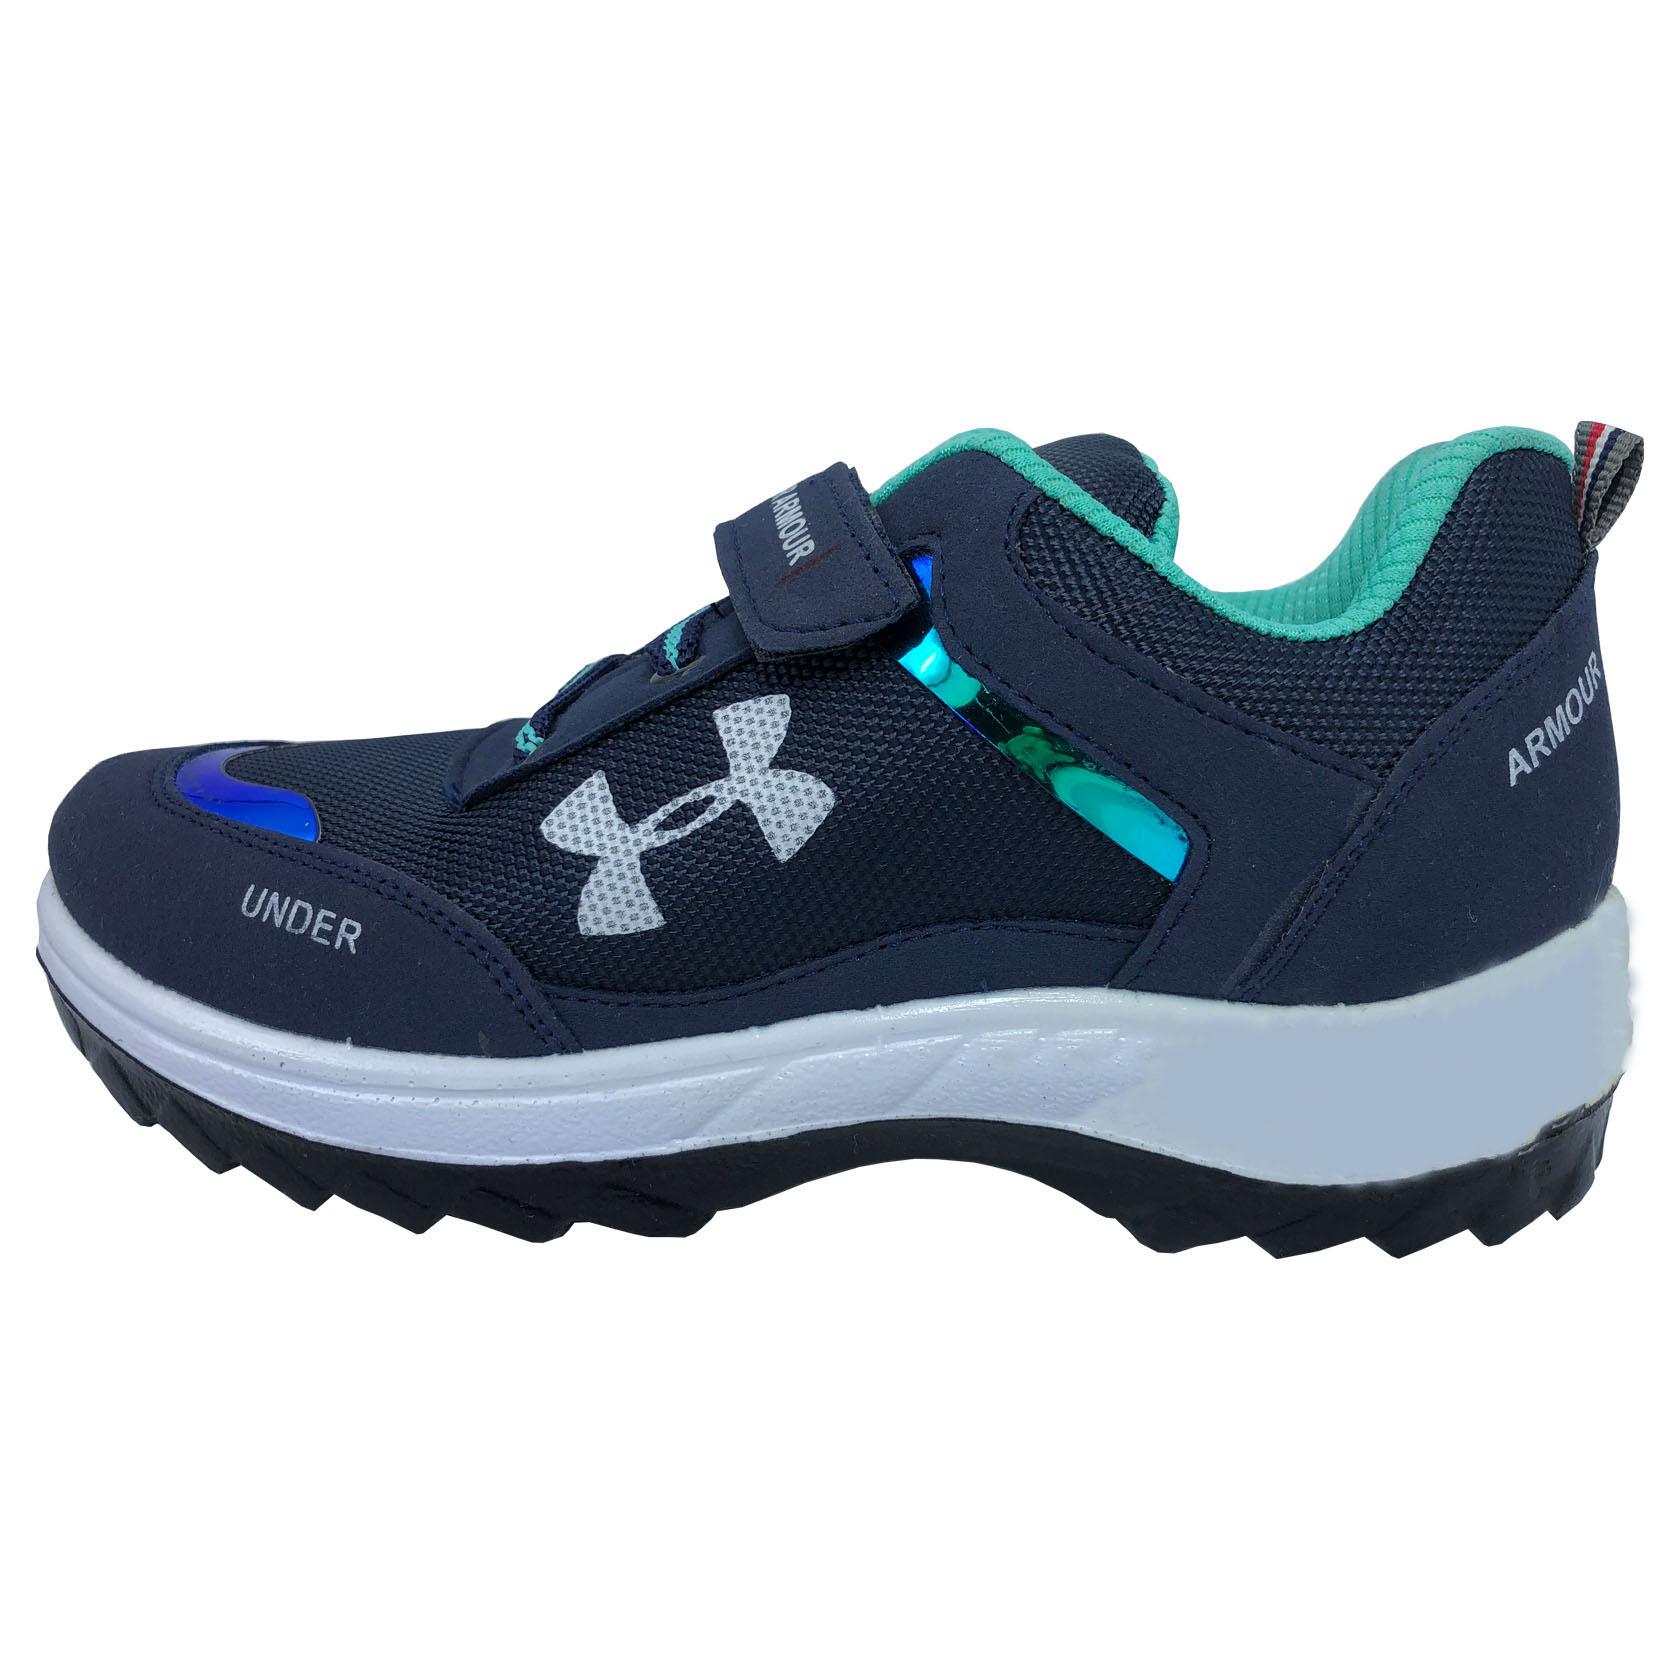 کفش مخصوص پیاده روی پسرانه کد Pz 150